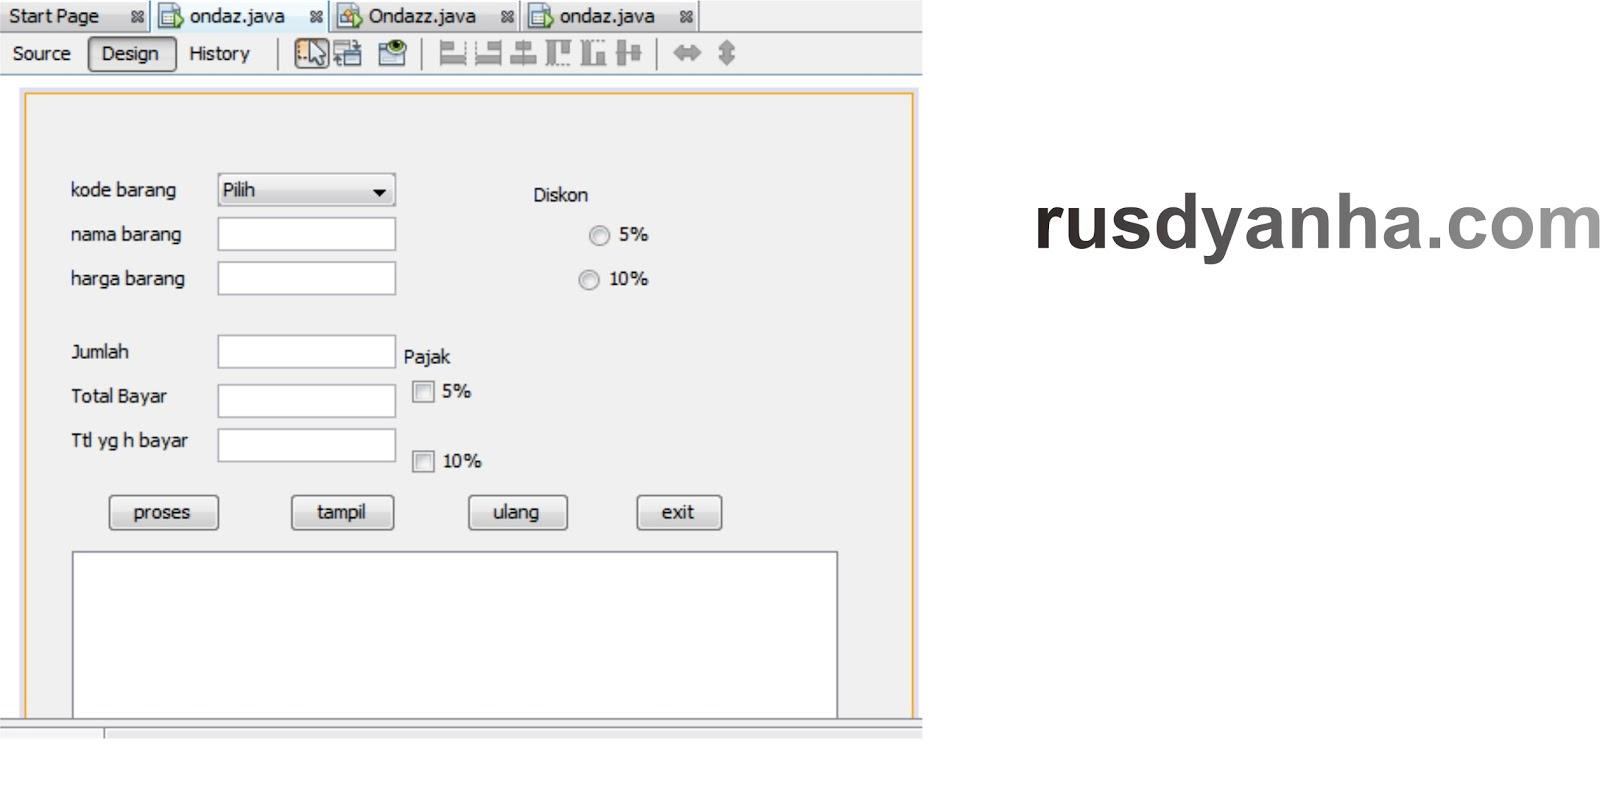 Contoh Program Java Jform Penjualan Rusdyanha